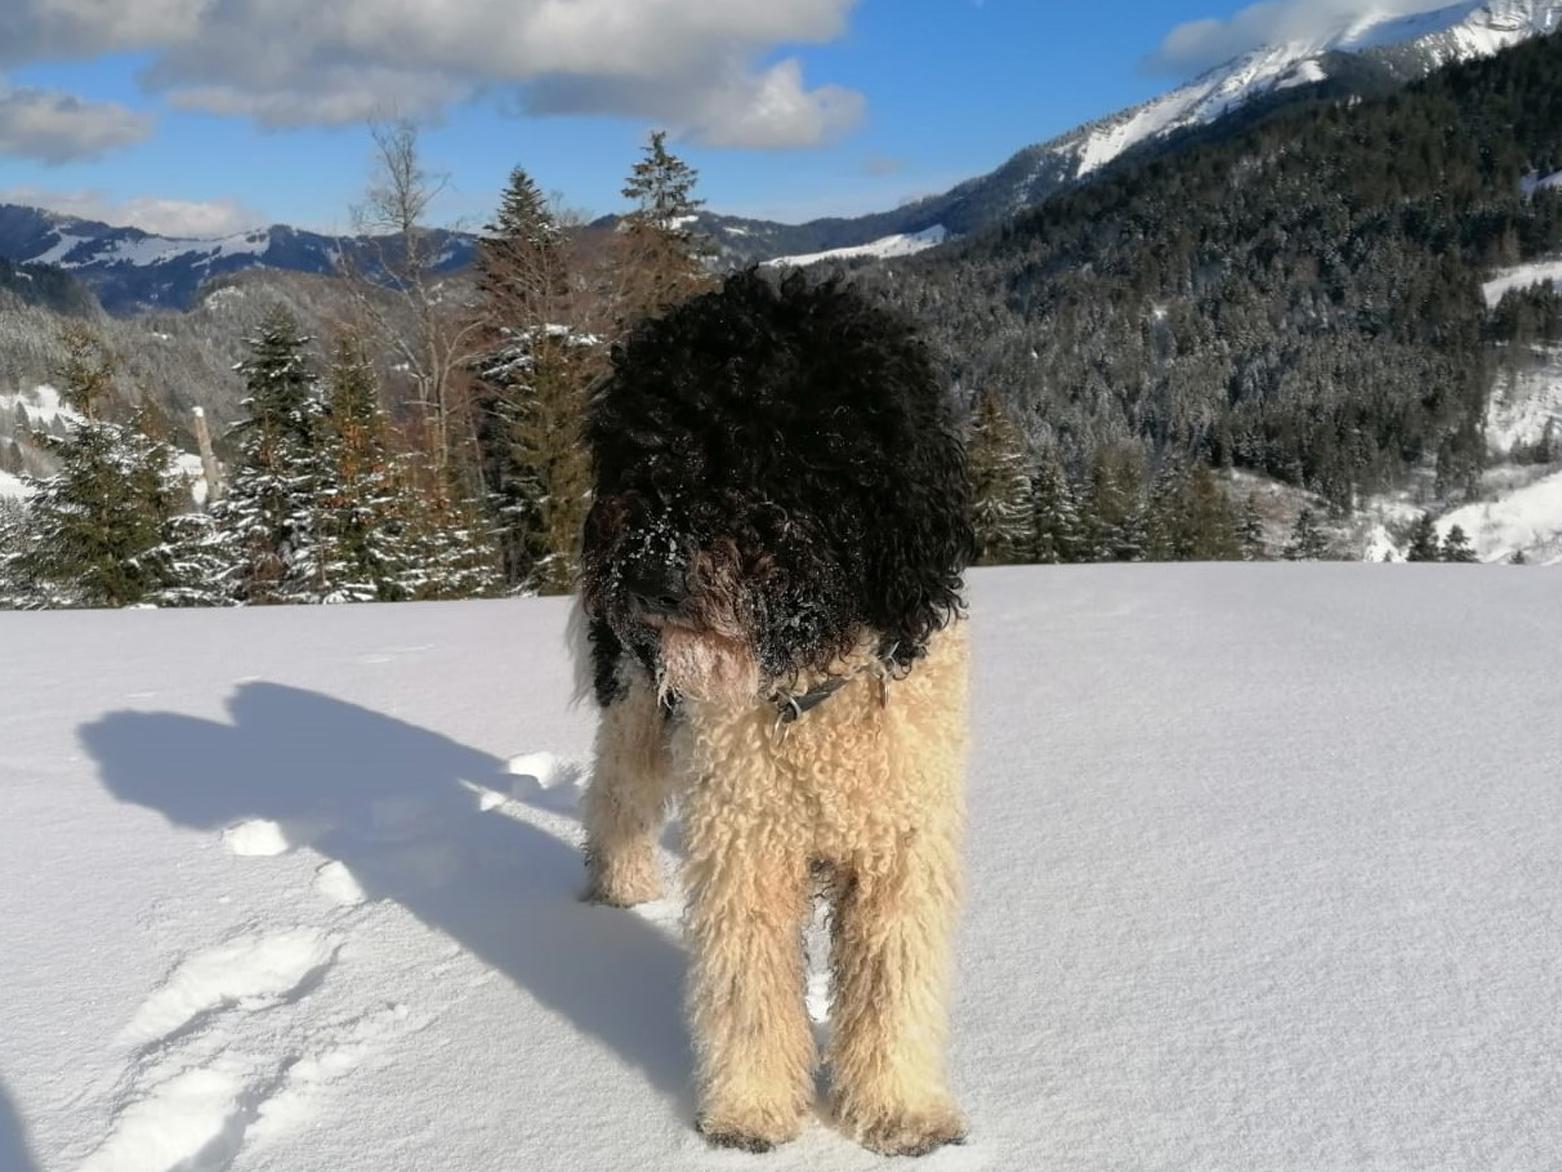 Bruce-Oscar, auch er ist standesgemäß viel am Berg unterwegs und schneesicher